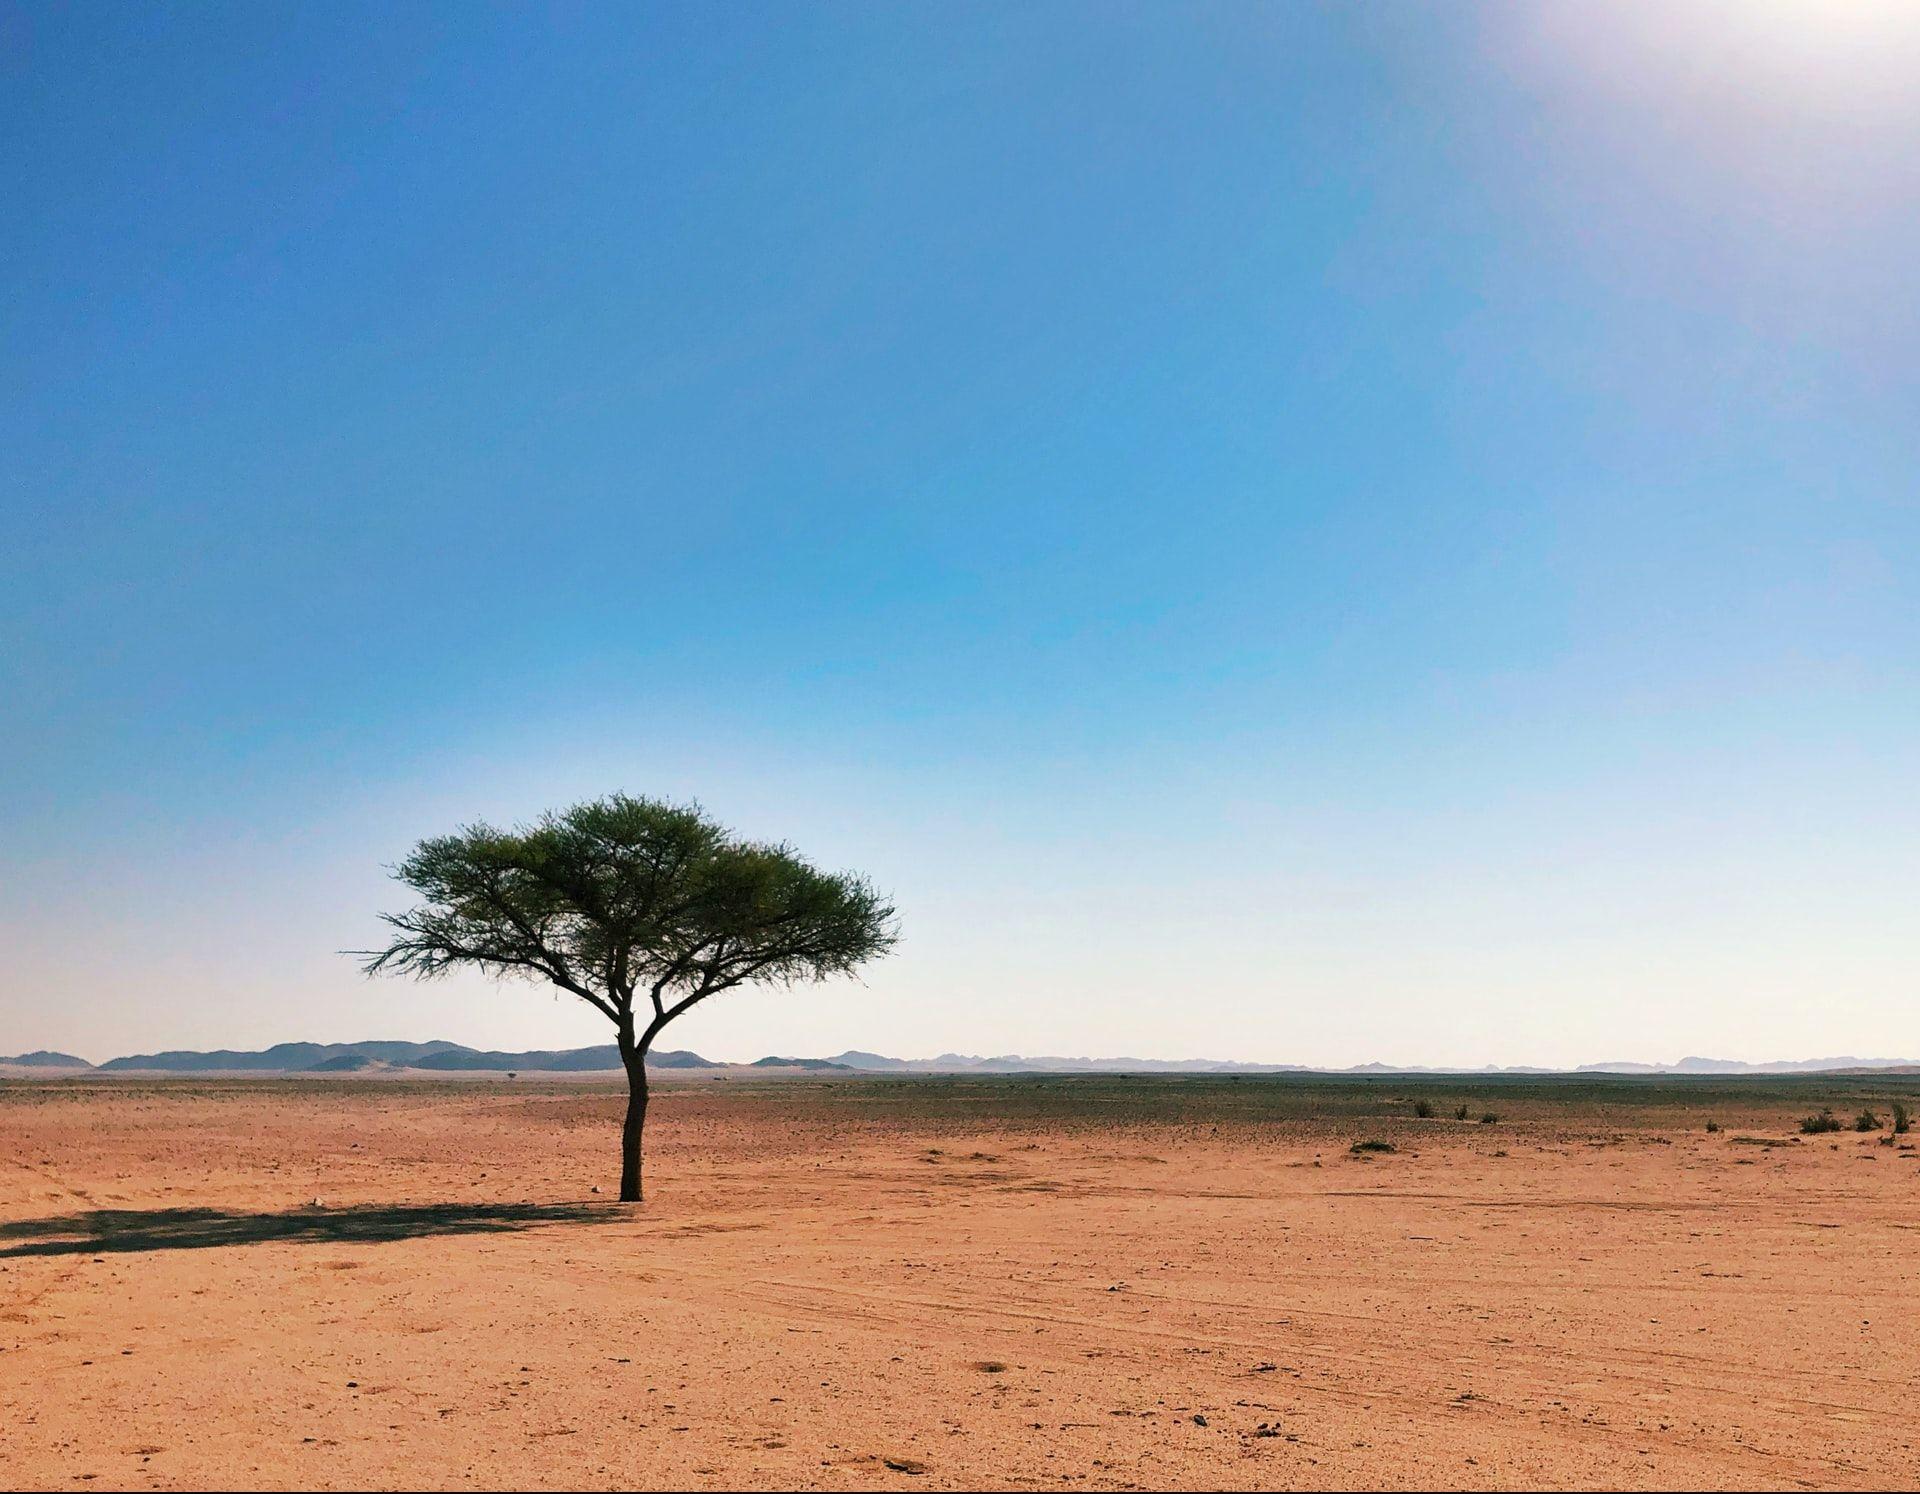 1,8 млн деревьев нейросеть нашла впустыне Сахара